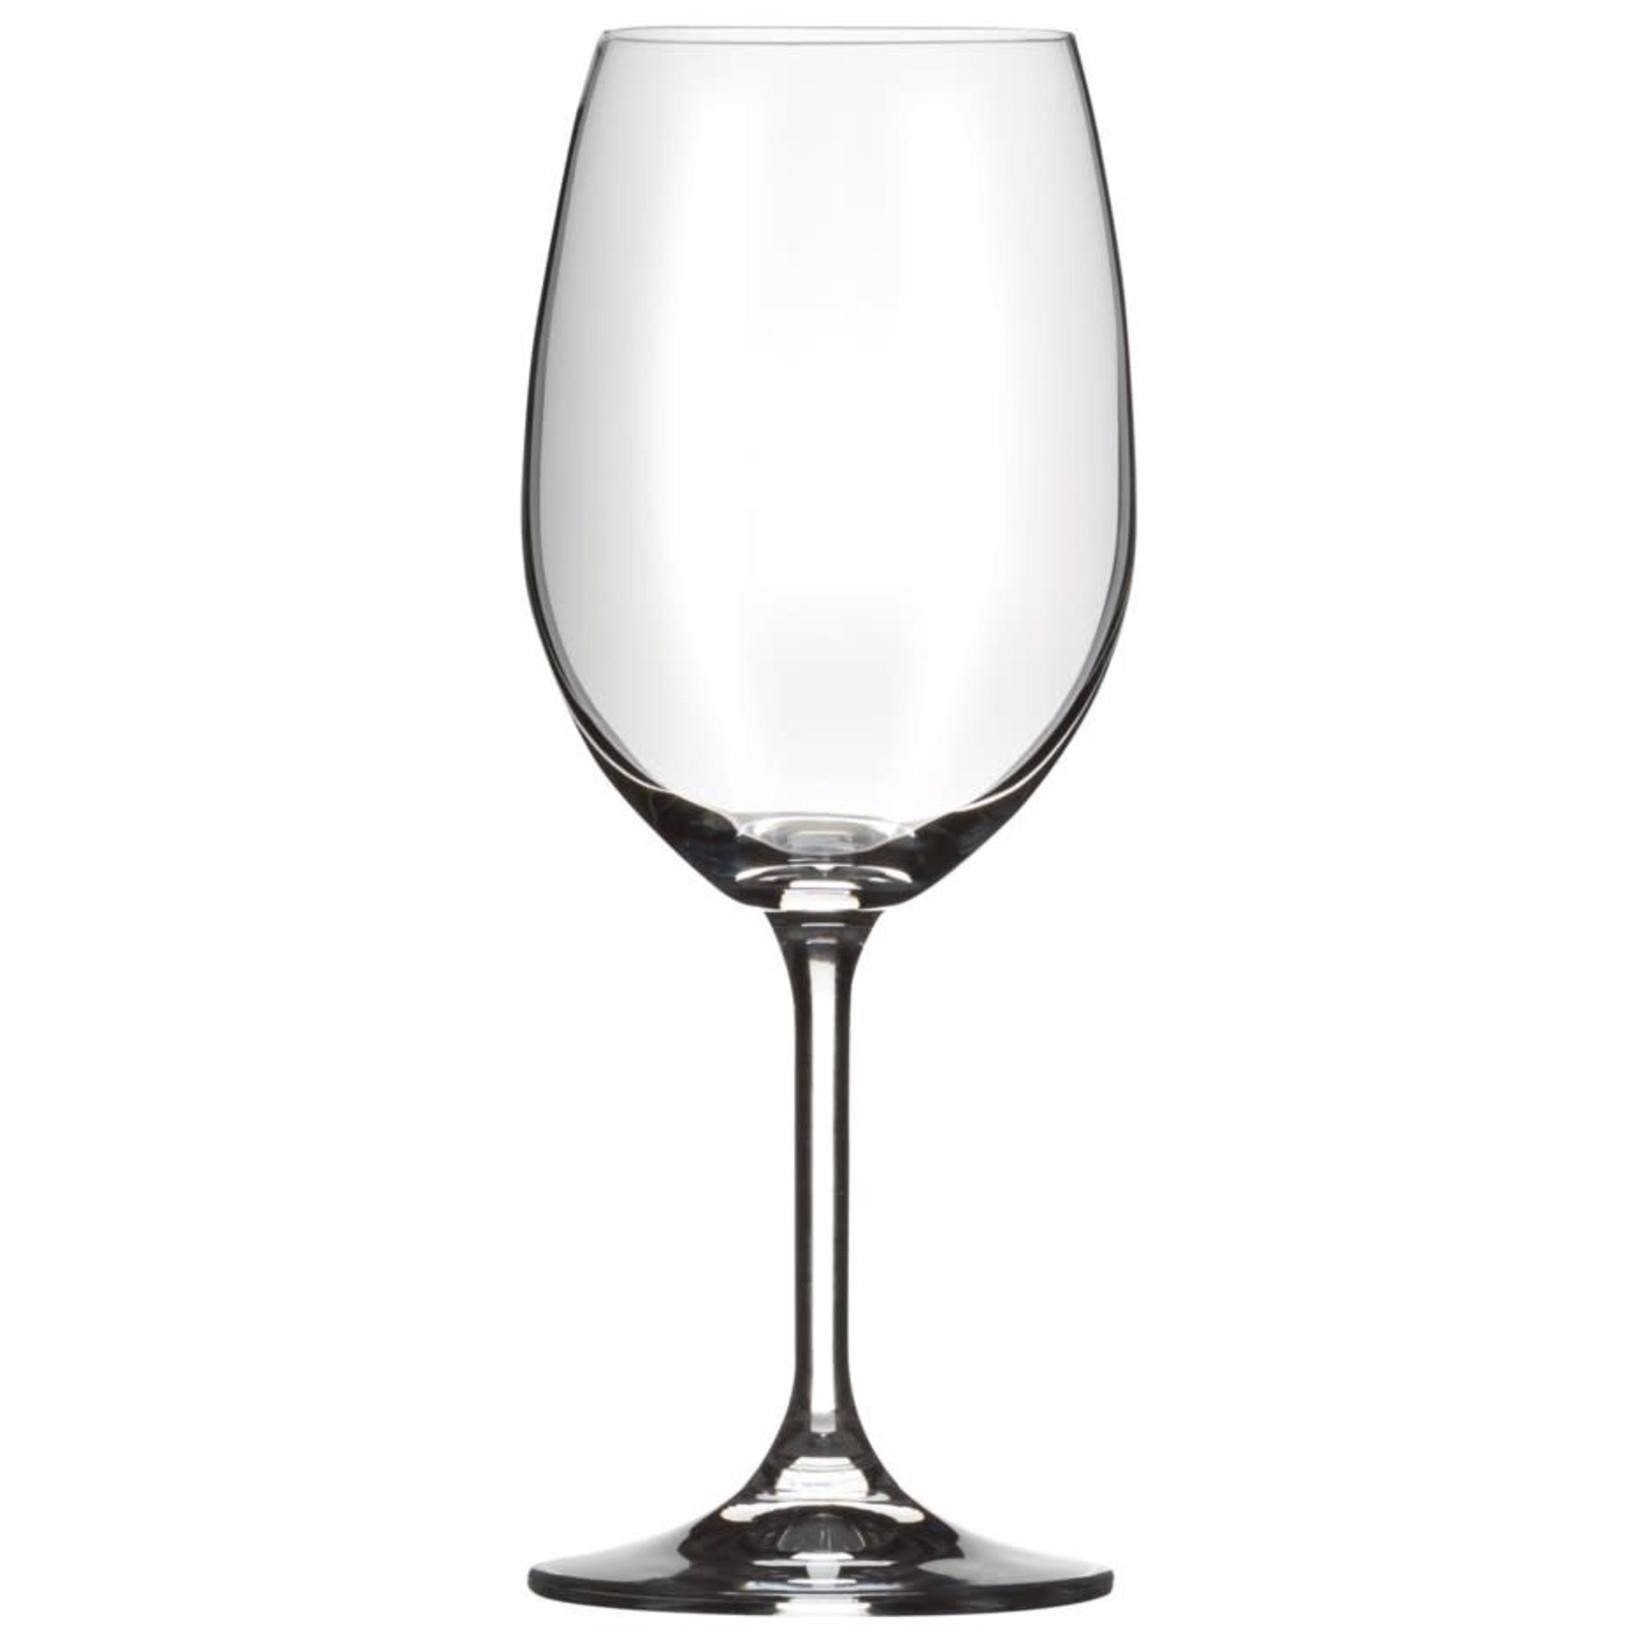 Lara White Wine Glasses Set of 4